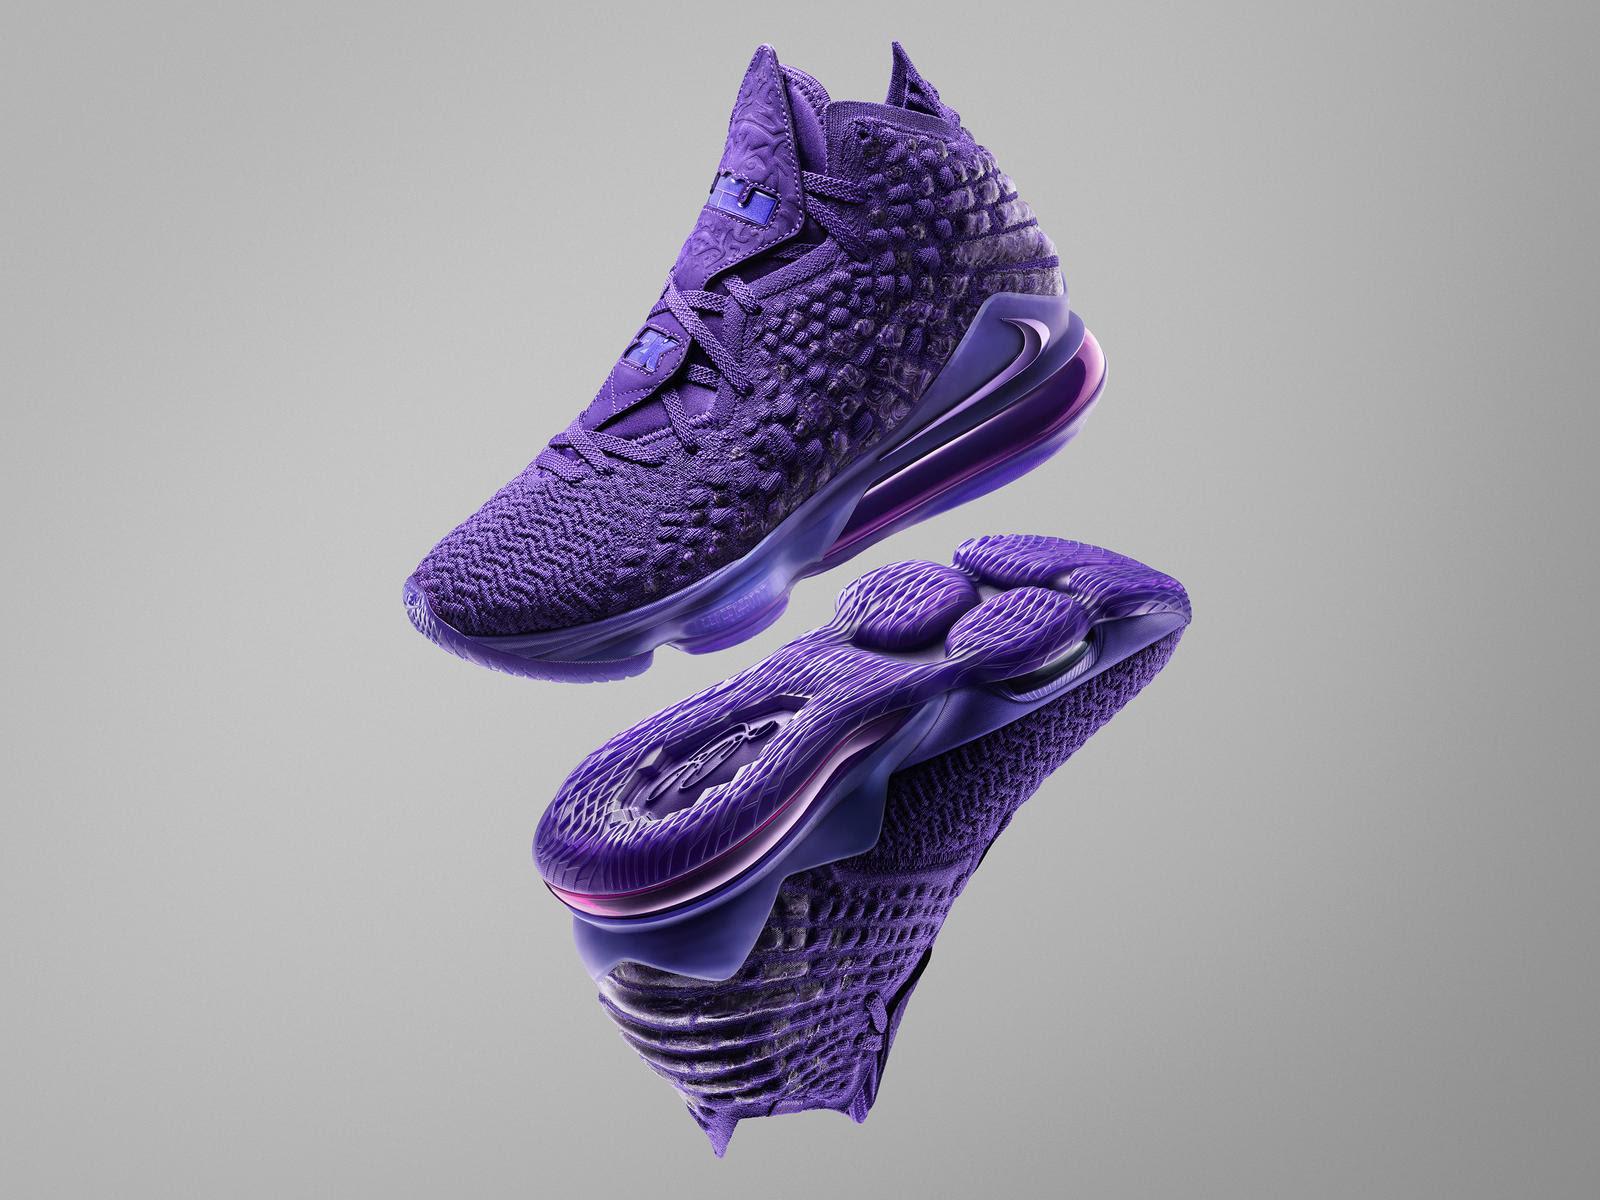 NBA 2K20 x Nike Gamer Exclusives 2